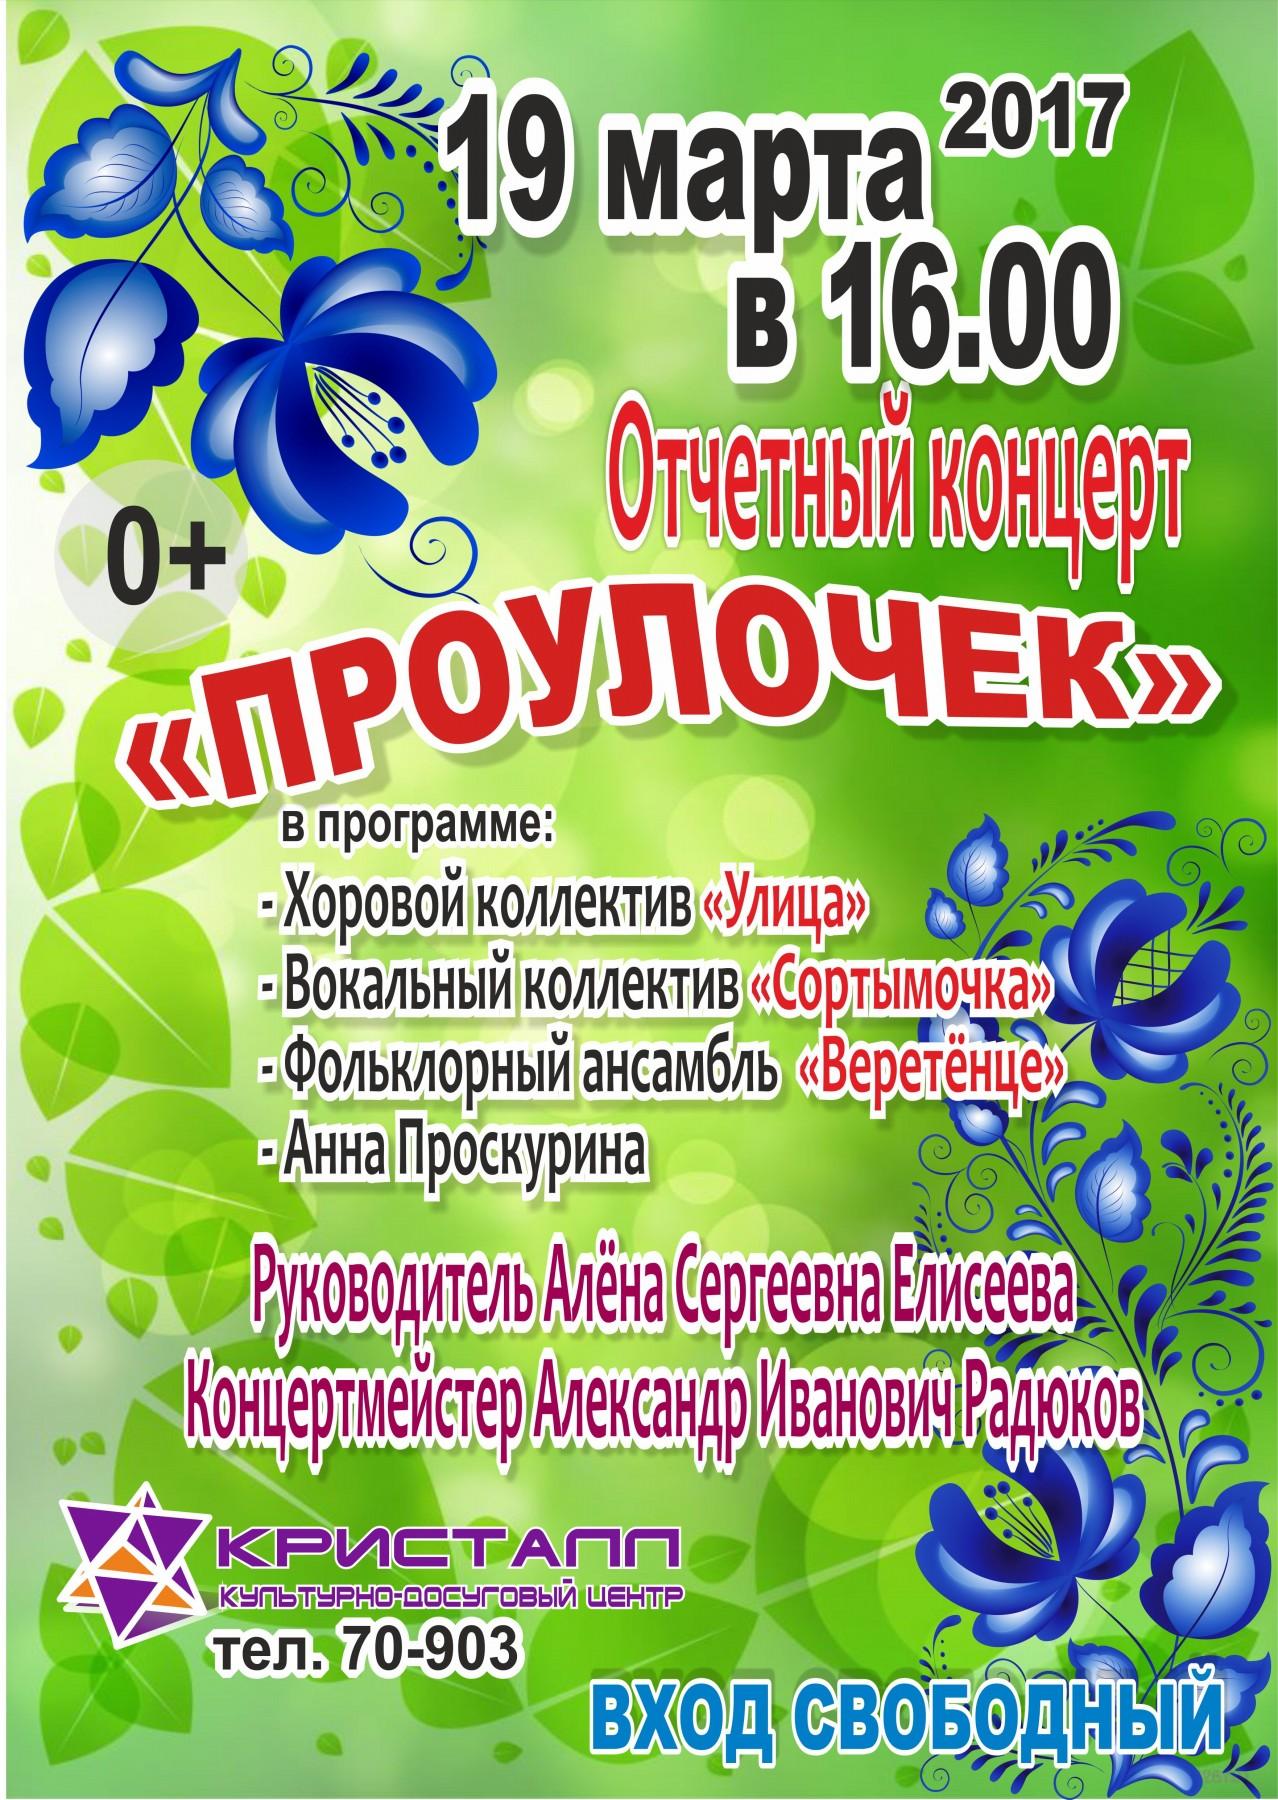 OTCHET Elisseeva